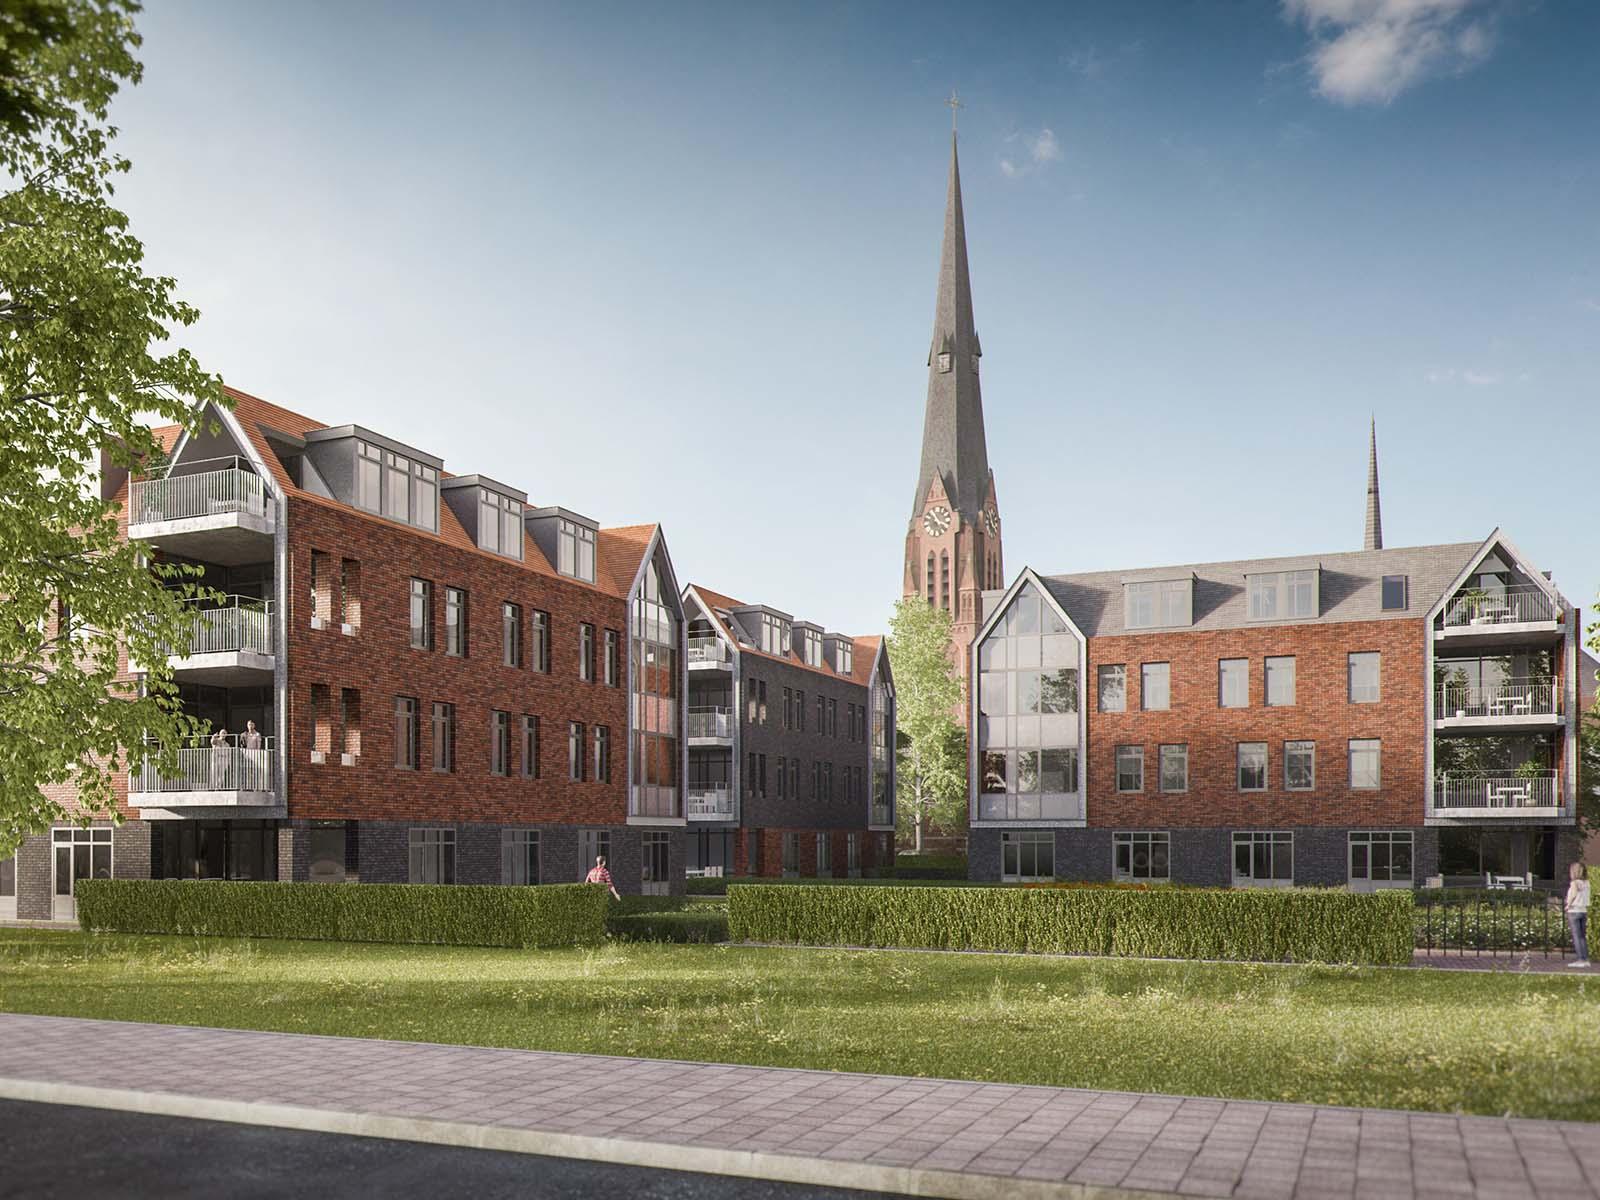 Care campus Kerkstraat- Poortlaan, Wassenaar